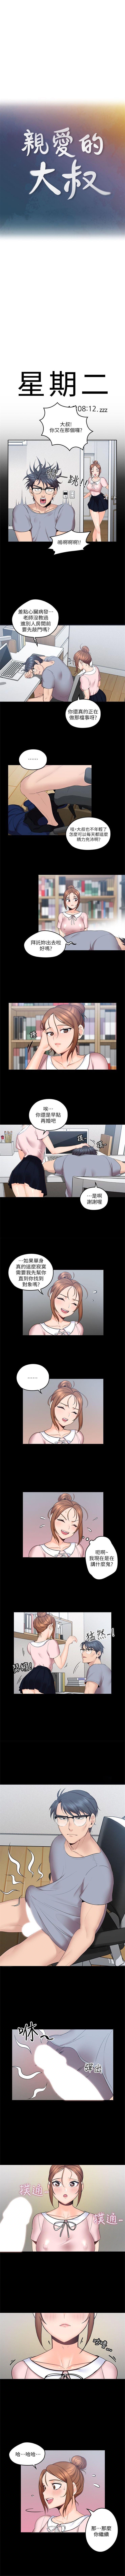 (週4)親愛的大叔 1-33 中文翻譯(更新中) 14